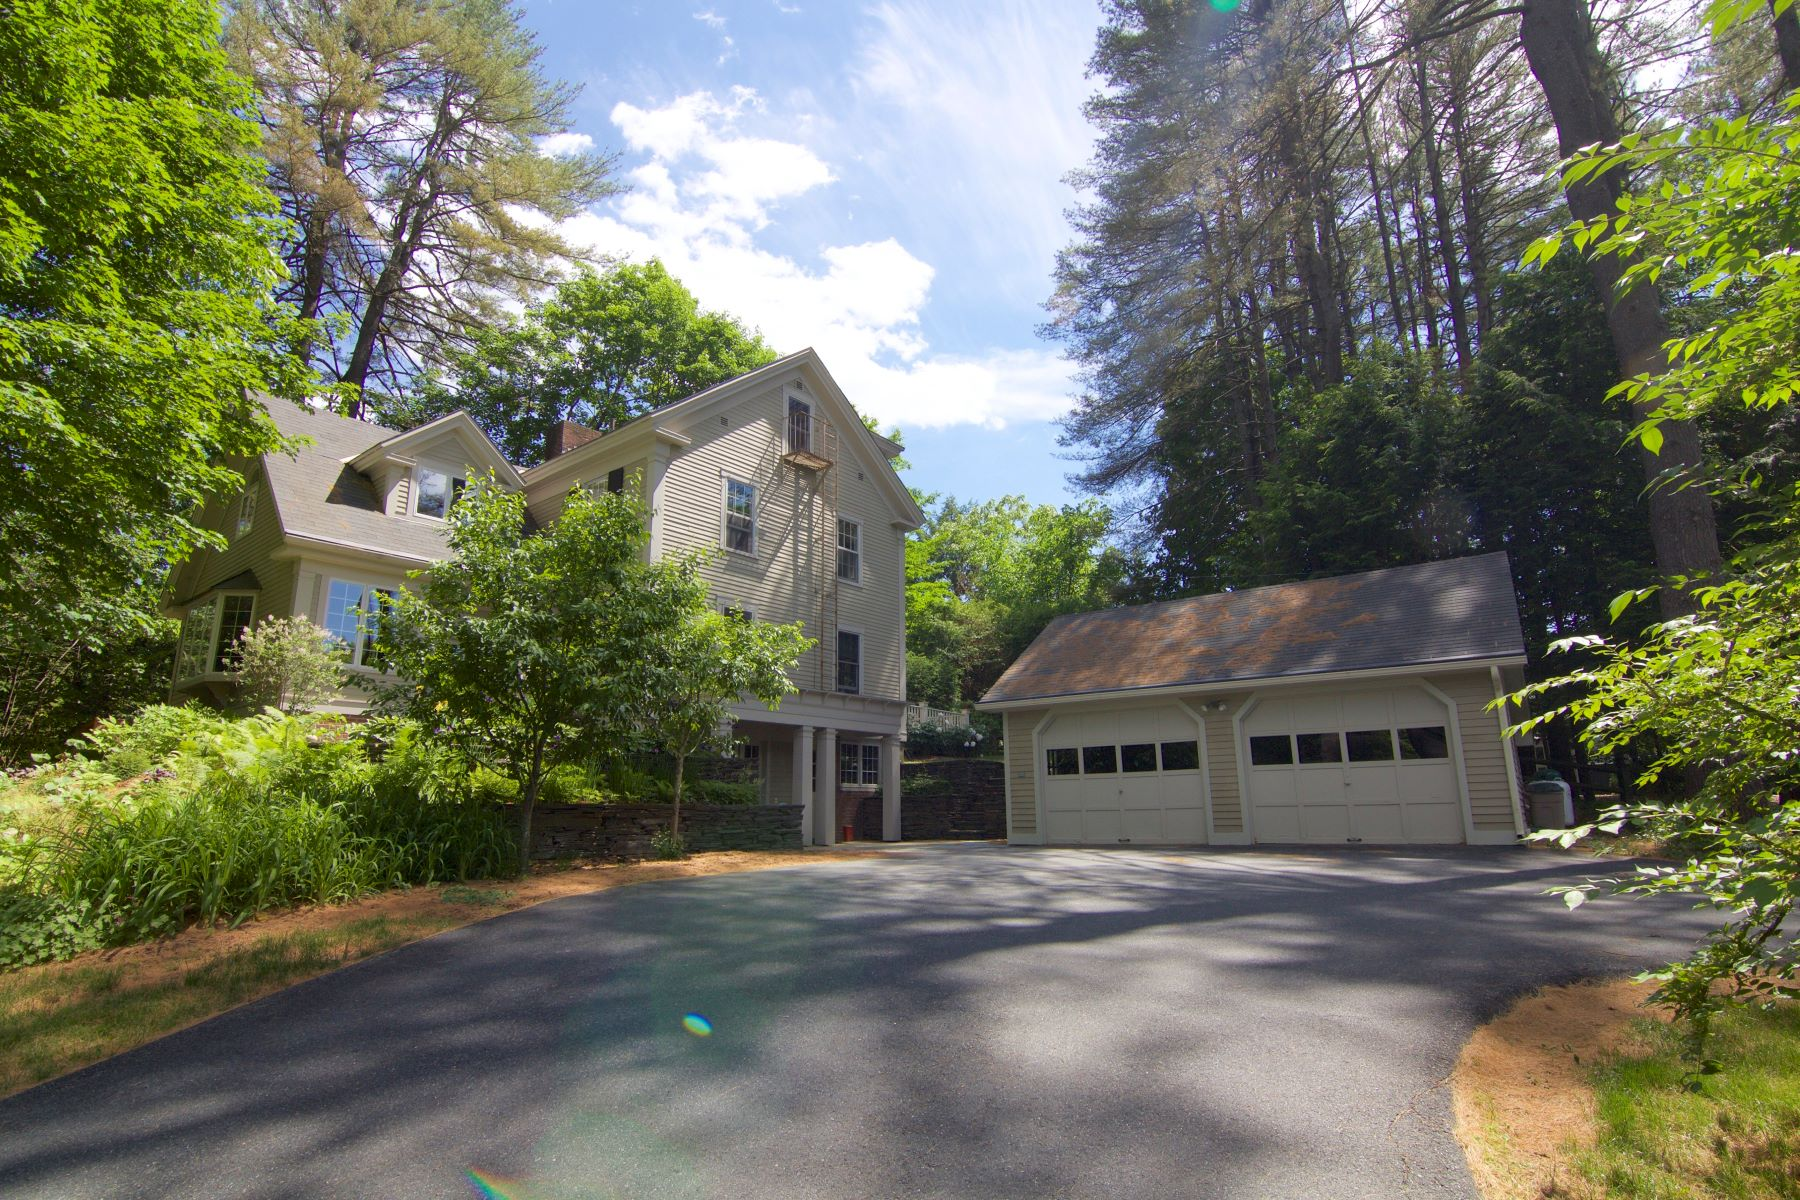 Maison unifamiliale pour l Vente à 20 Valley Rd, Hanover Hanover, New Hampshire, 03755 États-Unis